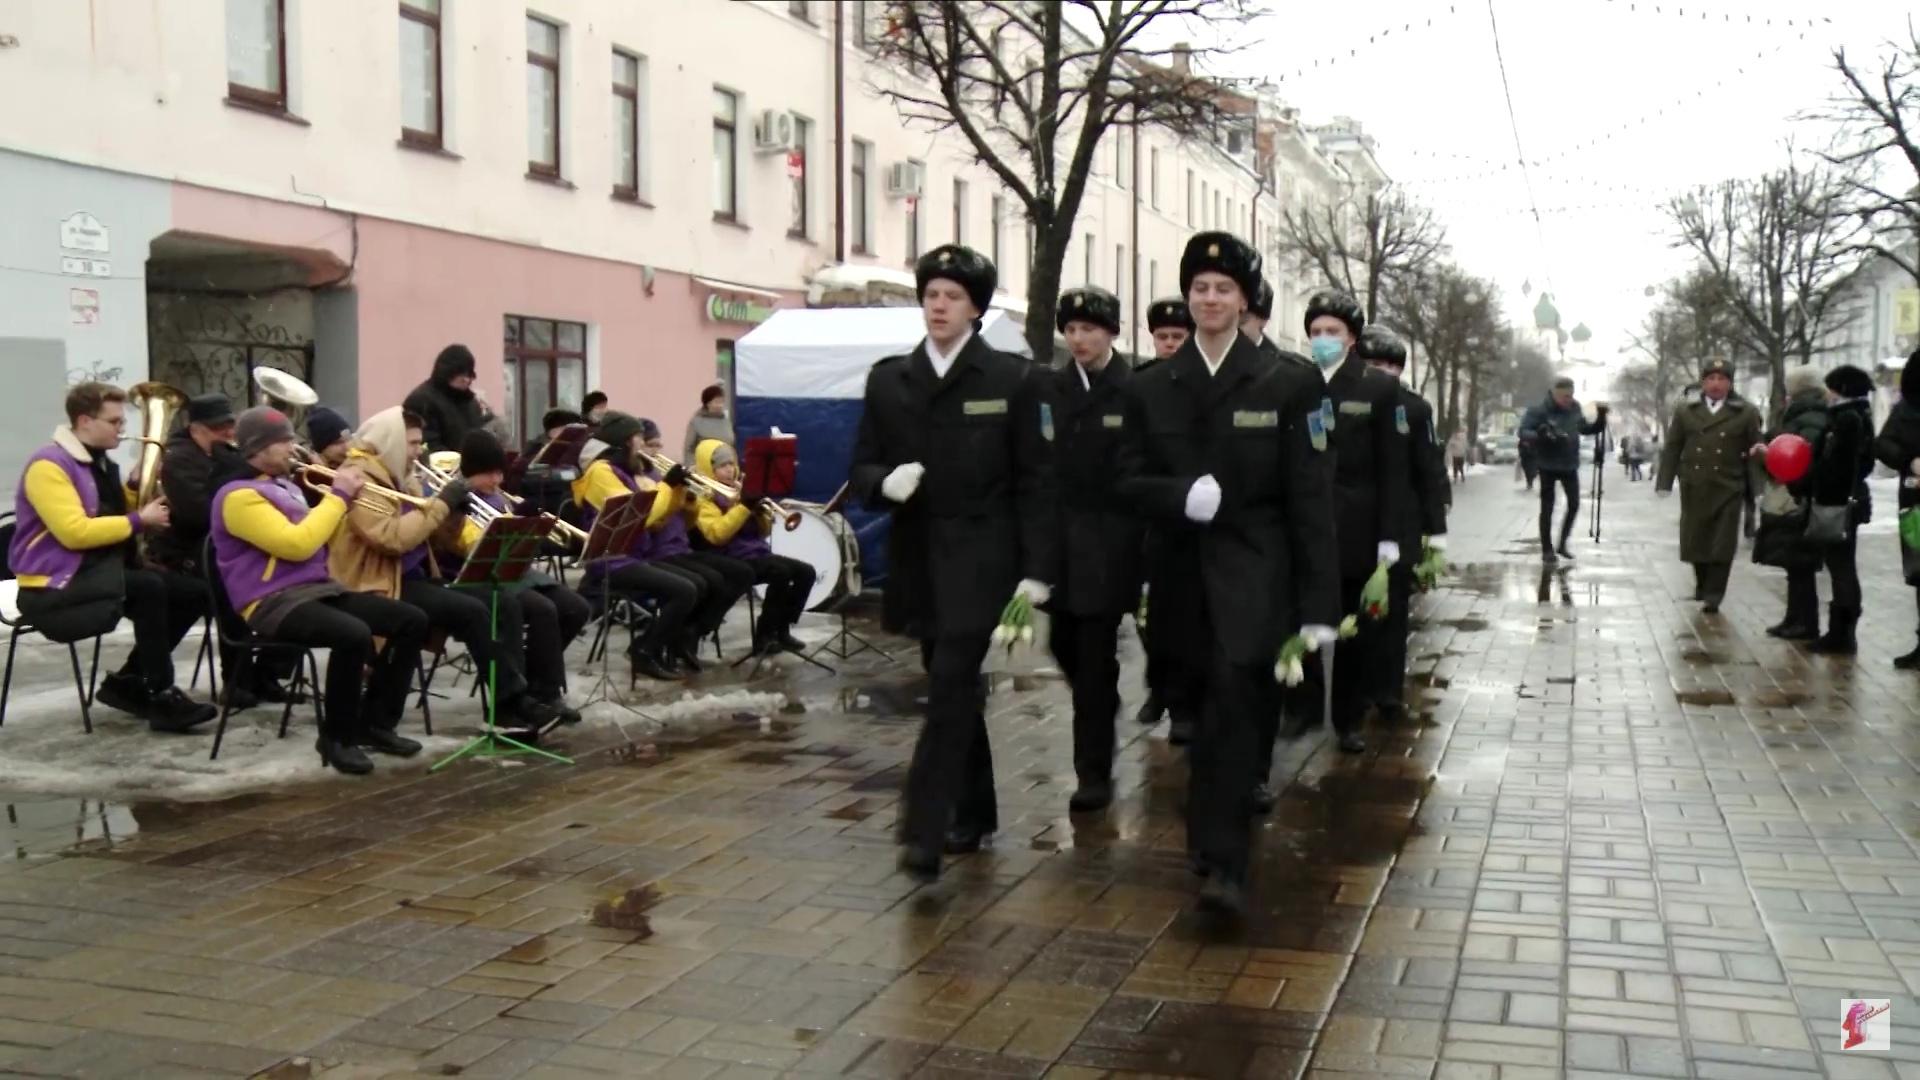 В Ярославле под звуки оркестра кадеты дарили дамам цветы